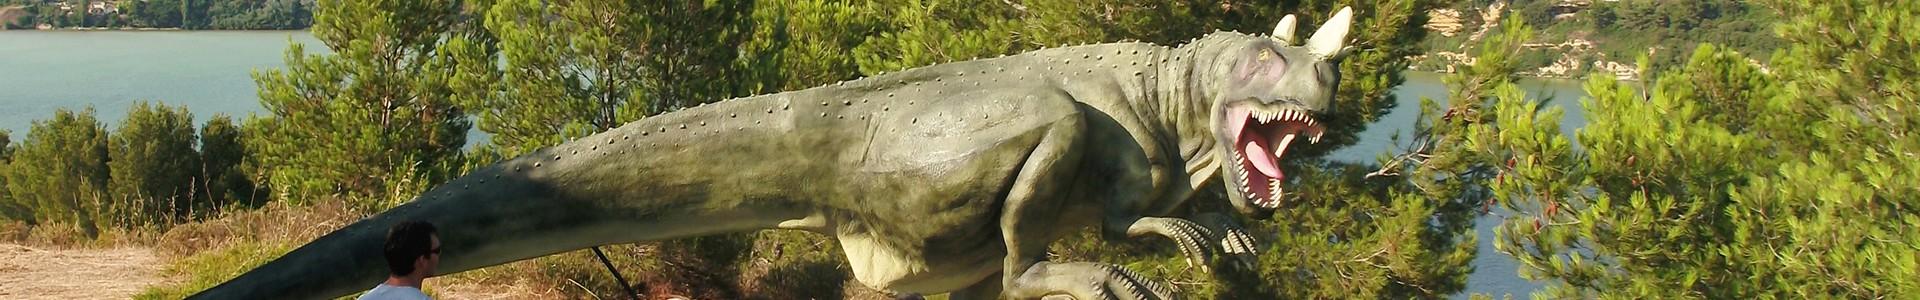 Dinosaur'Istres, le monde perdu renaît à Istres